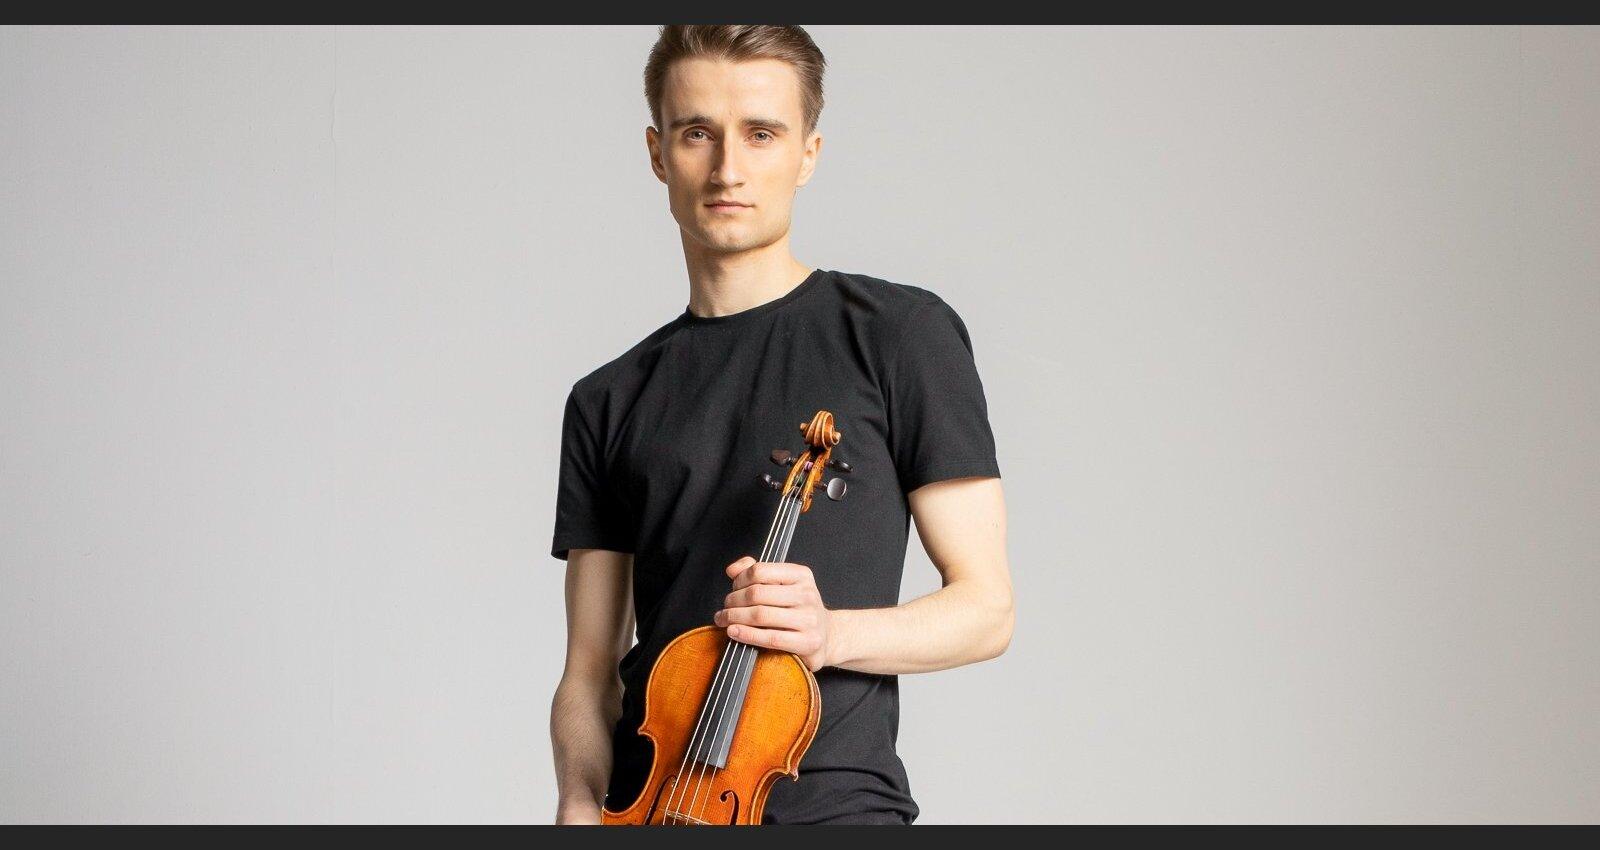 'Tās pašas dienas vakarā piezvanīja Eltons Džons.' Saruna ar latviešu vijolnieku Robertu Balanas